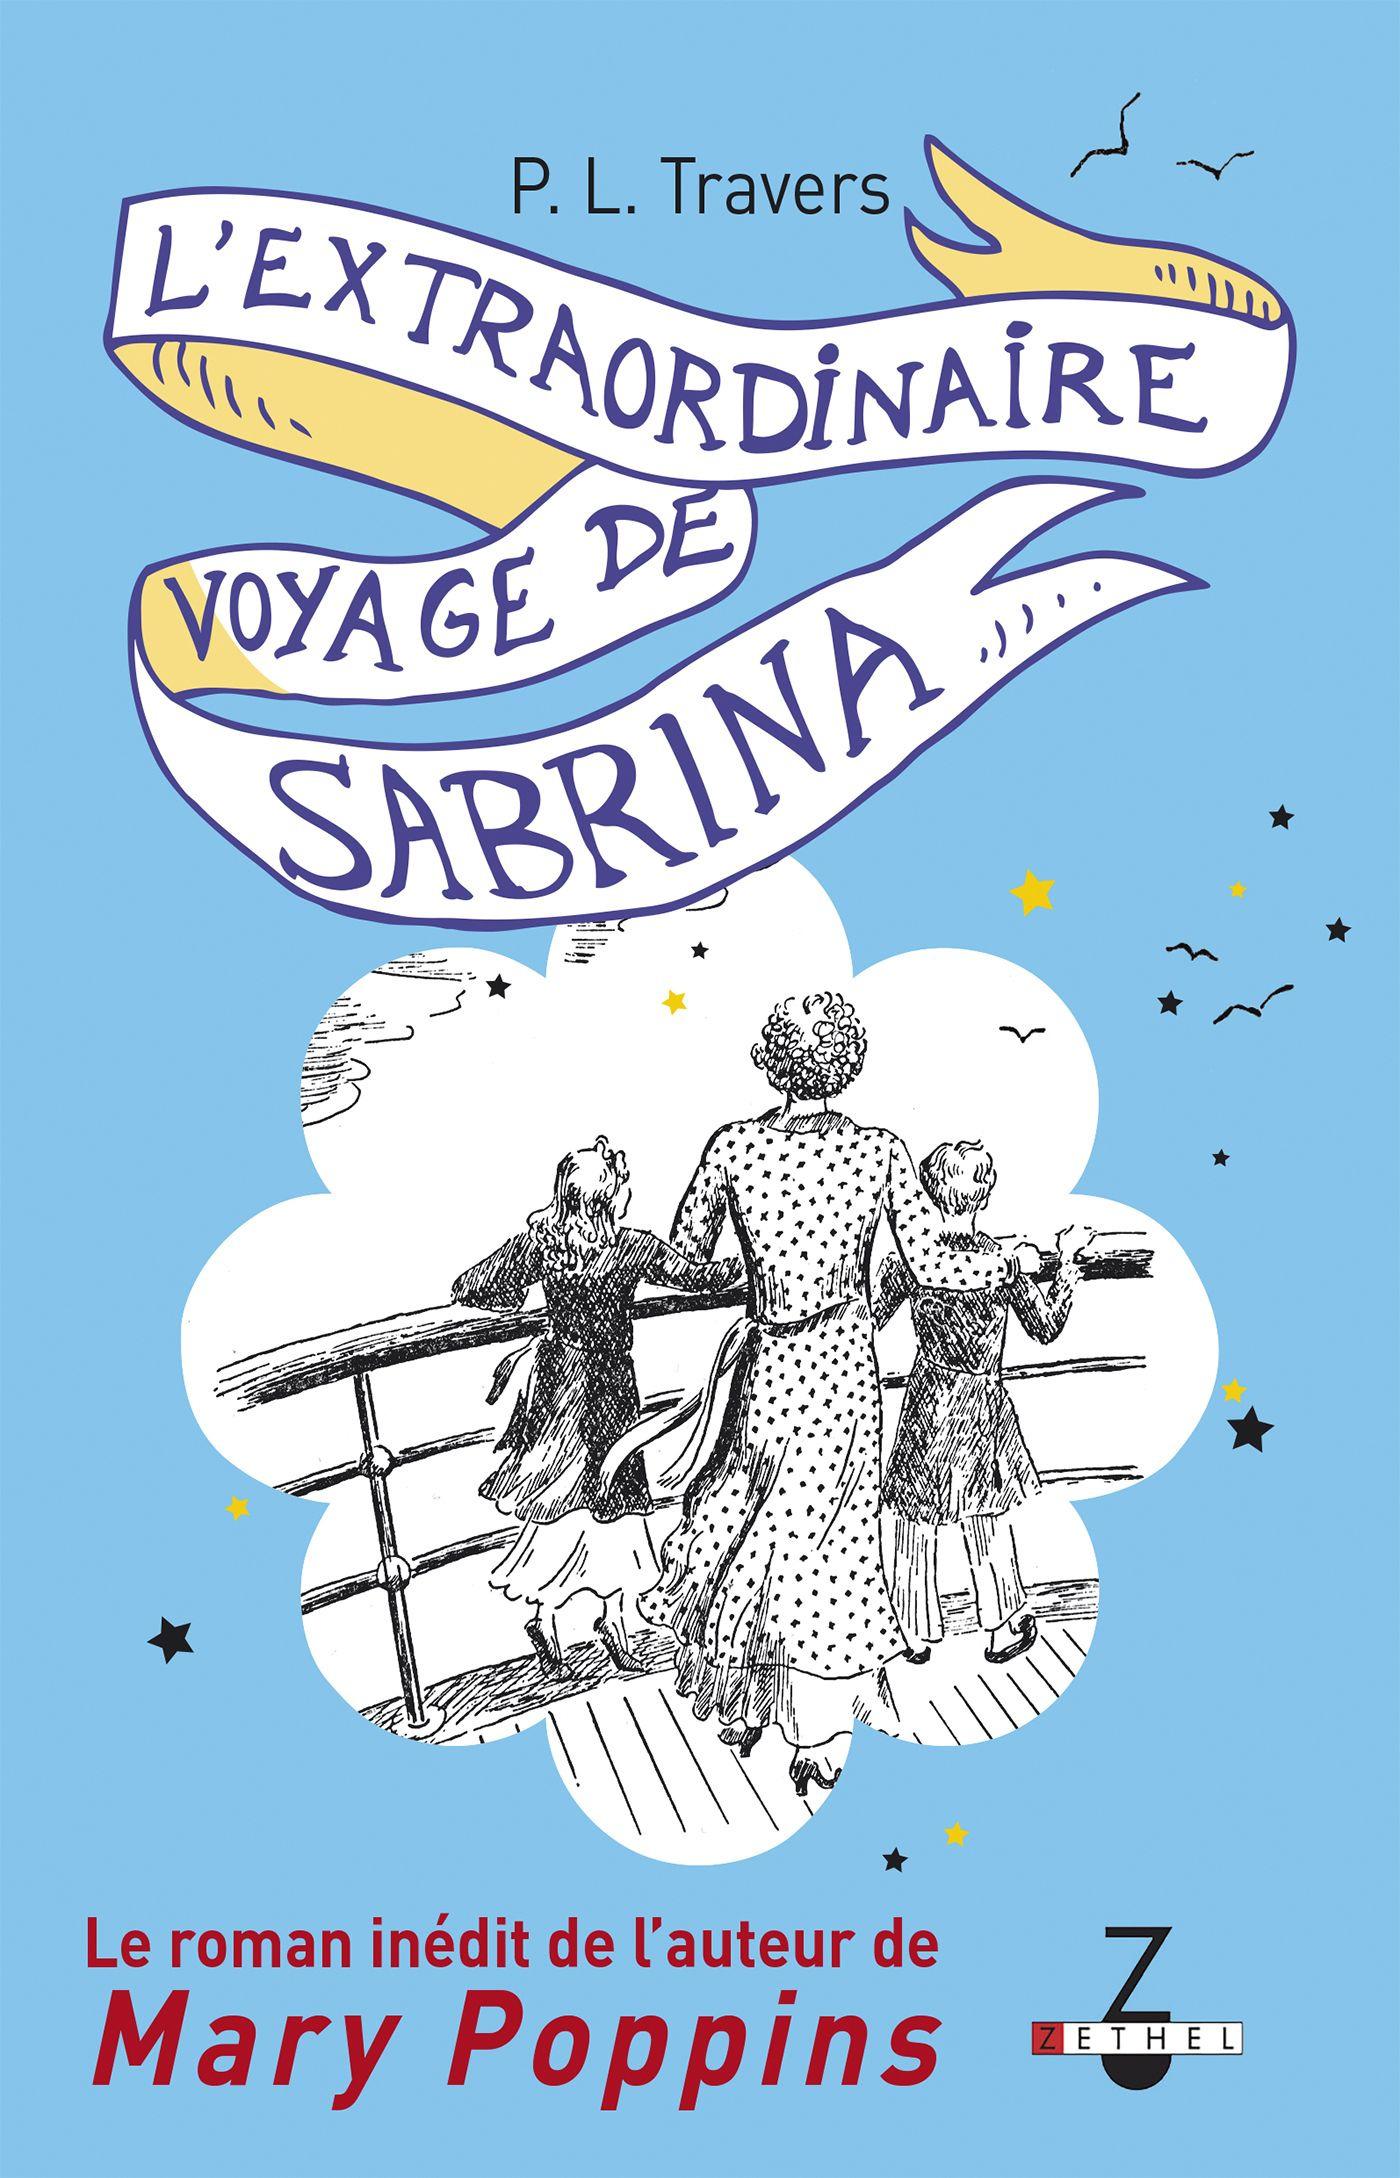 L'extraordinaire voyage de Sabrina, LE ROMAN INÉDIT DE L'AUTEUR DE MARY POPPINS